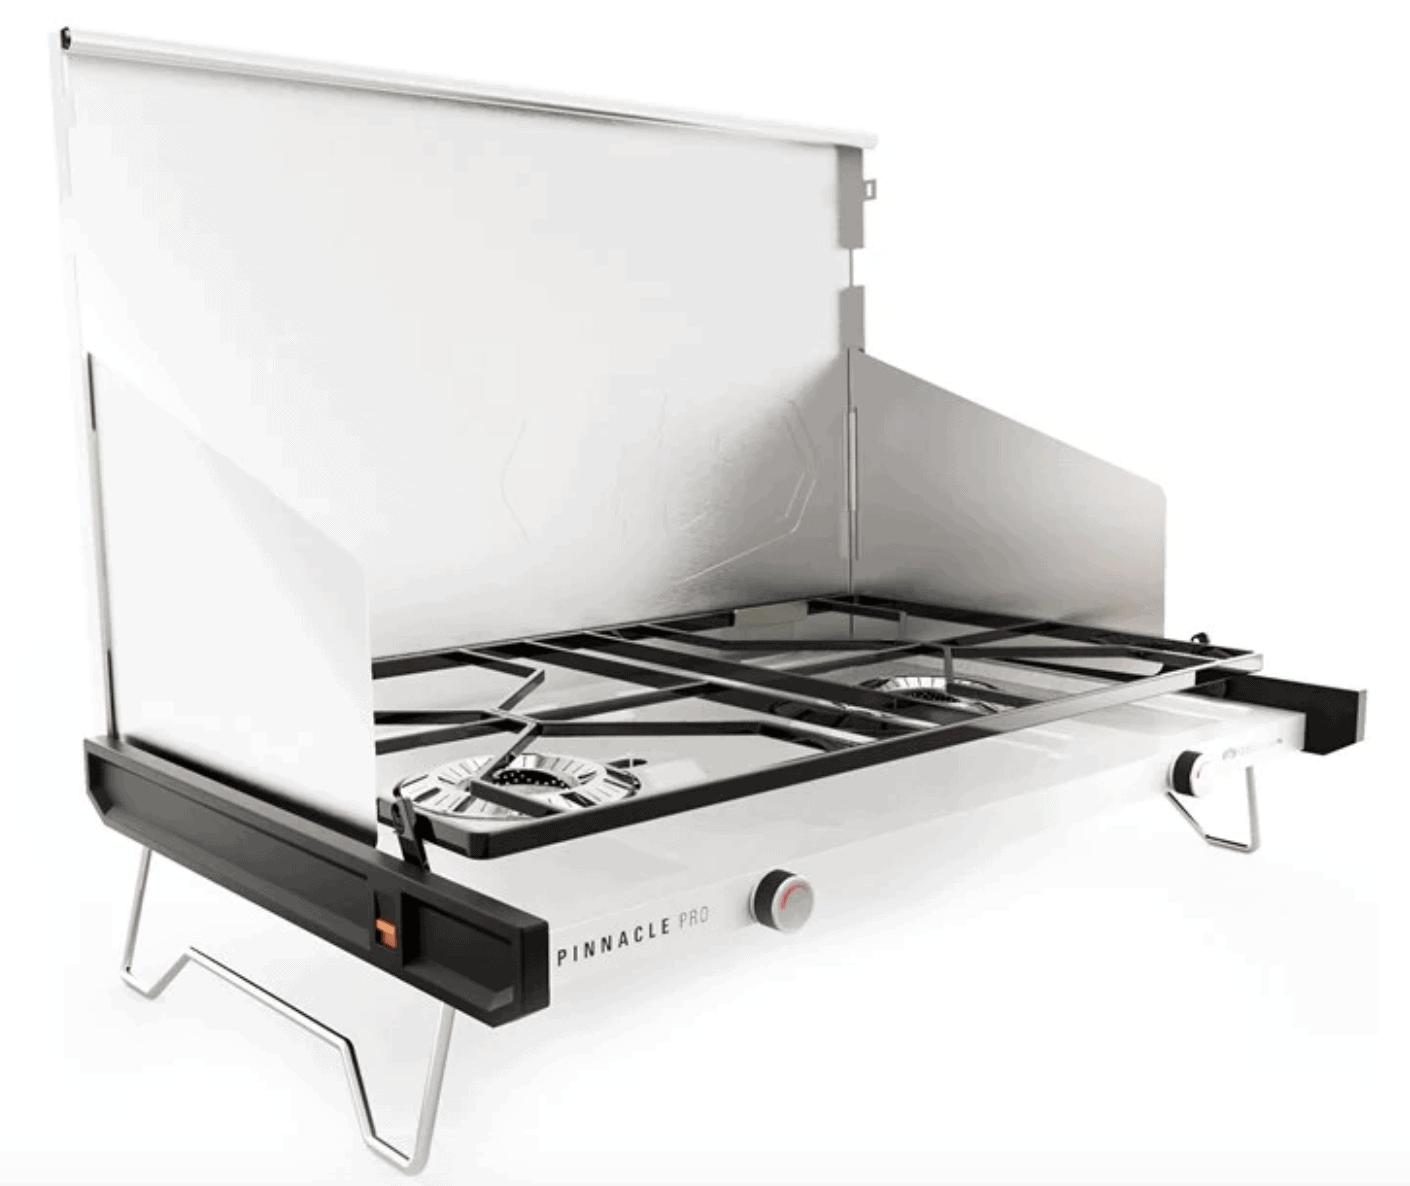 GSI Pinnacle Pro Dual Camping Stove